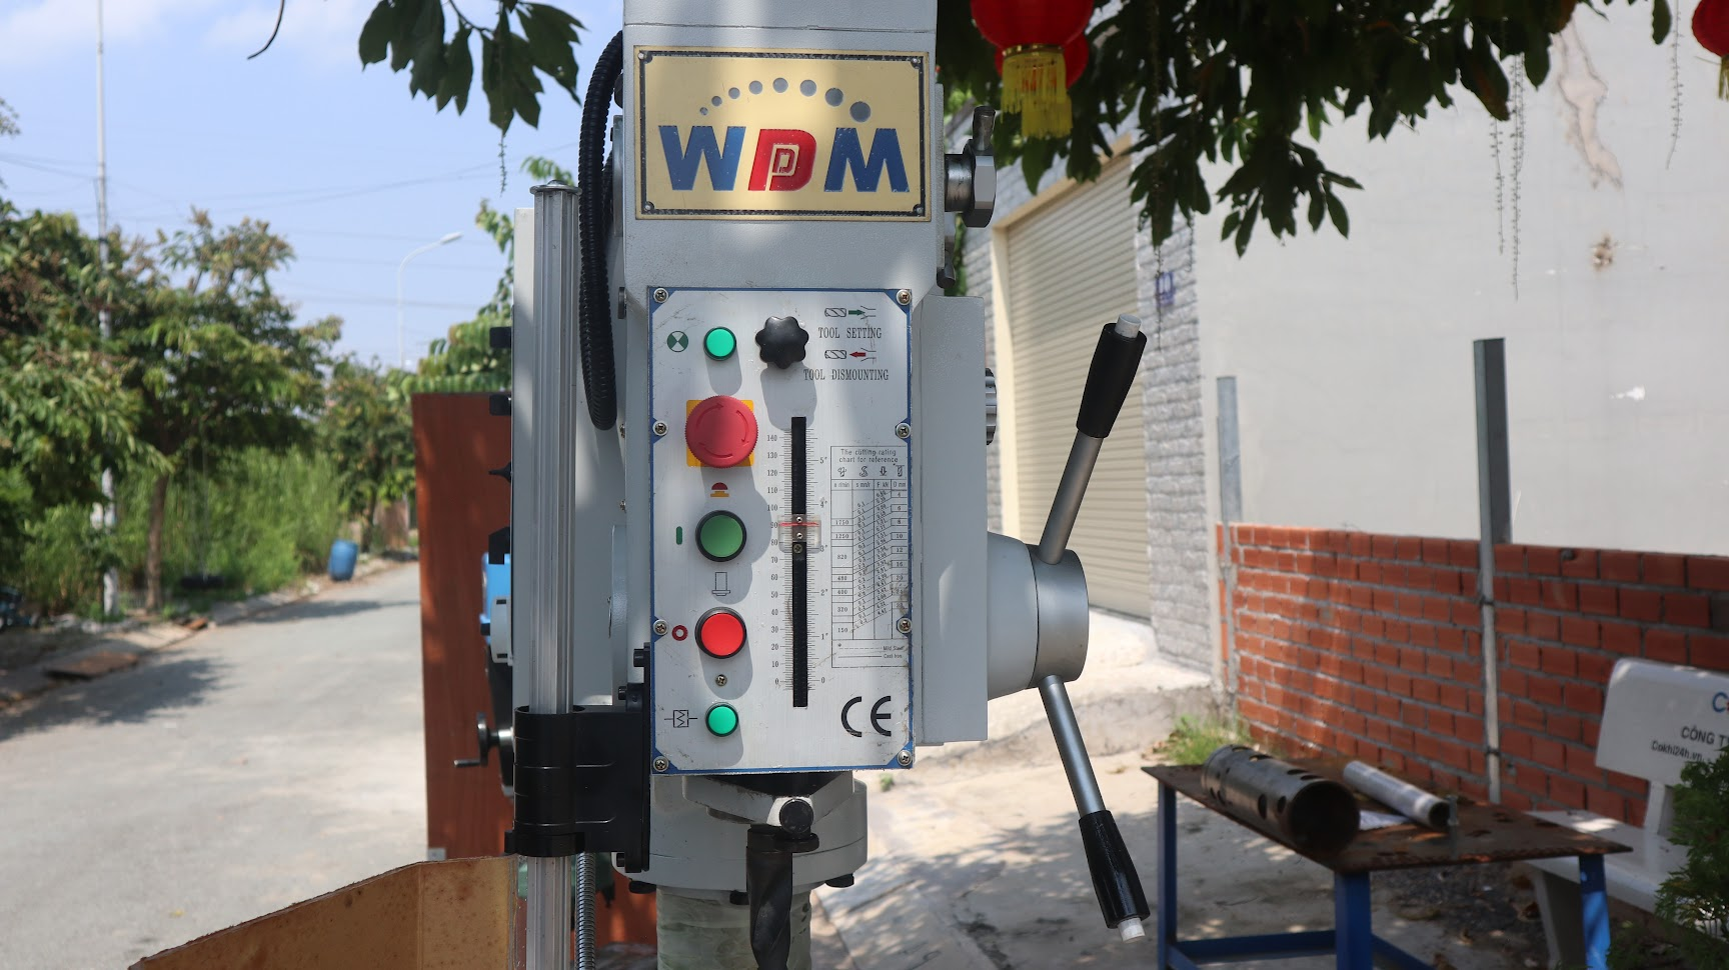 WDDM Z5030